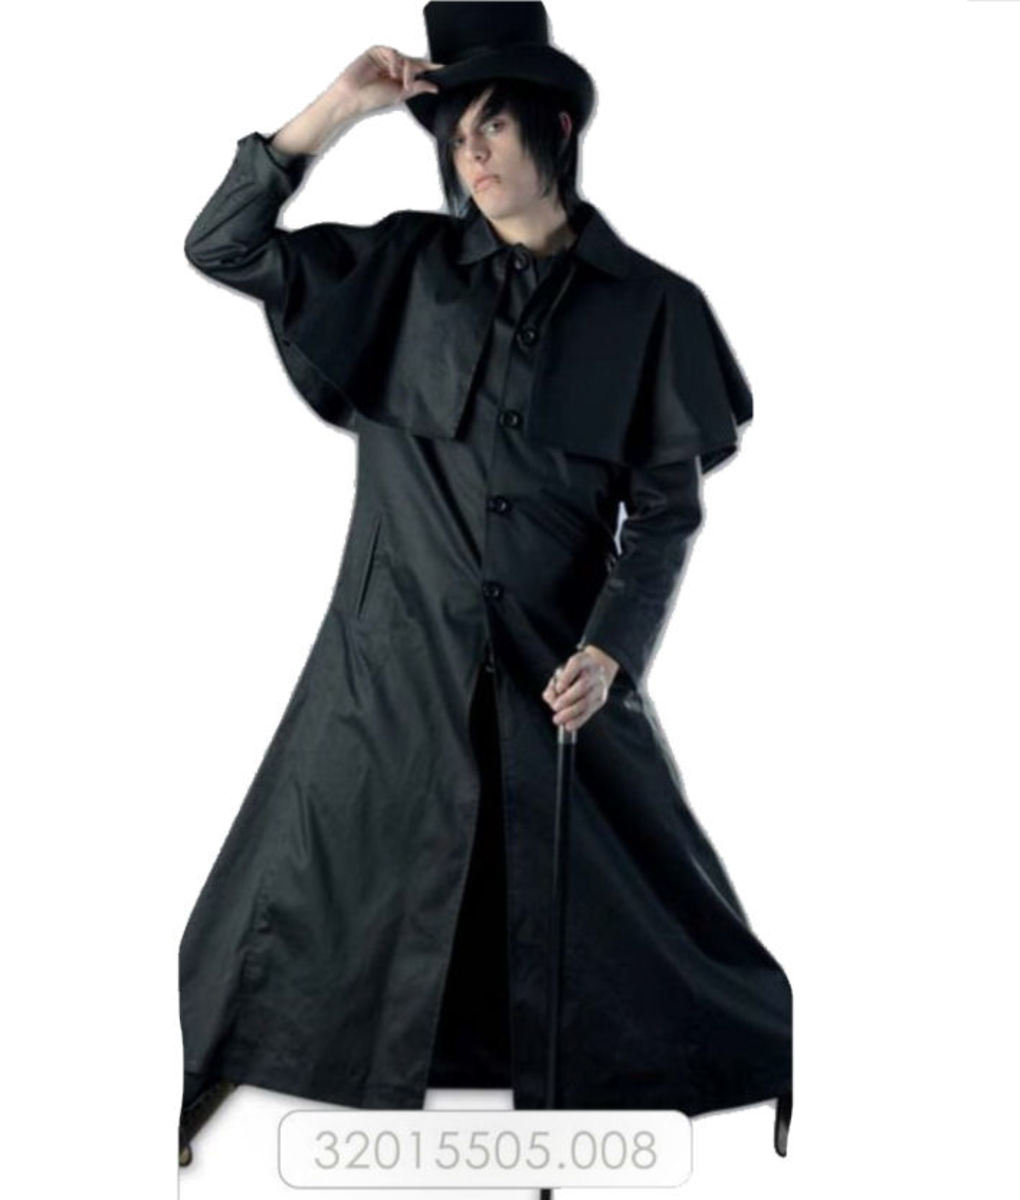 kabát pánsky ZOELIBAT - 32015505.008